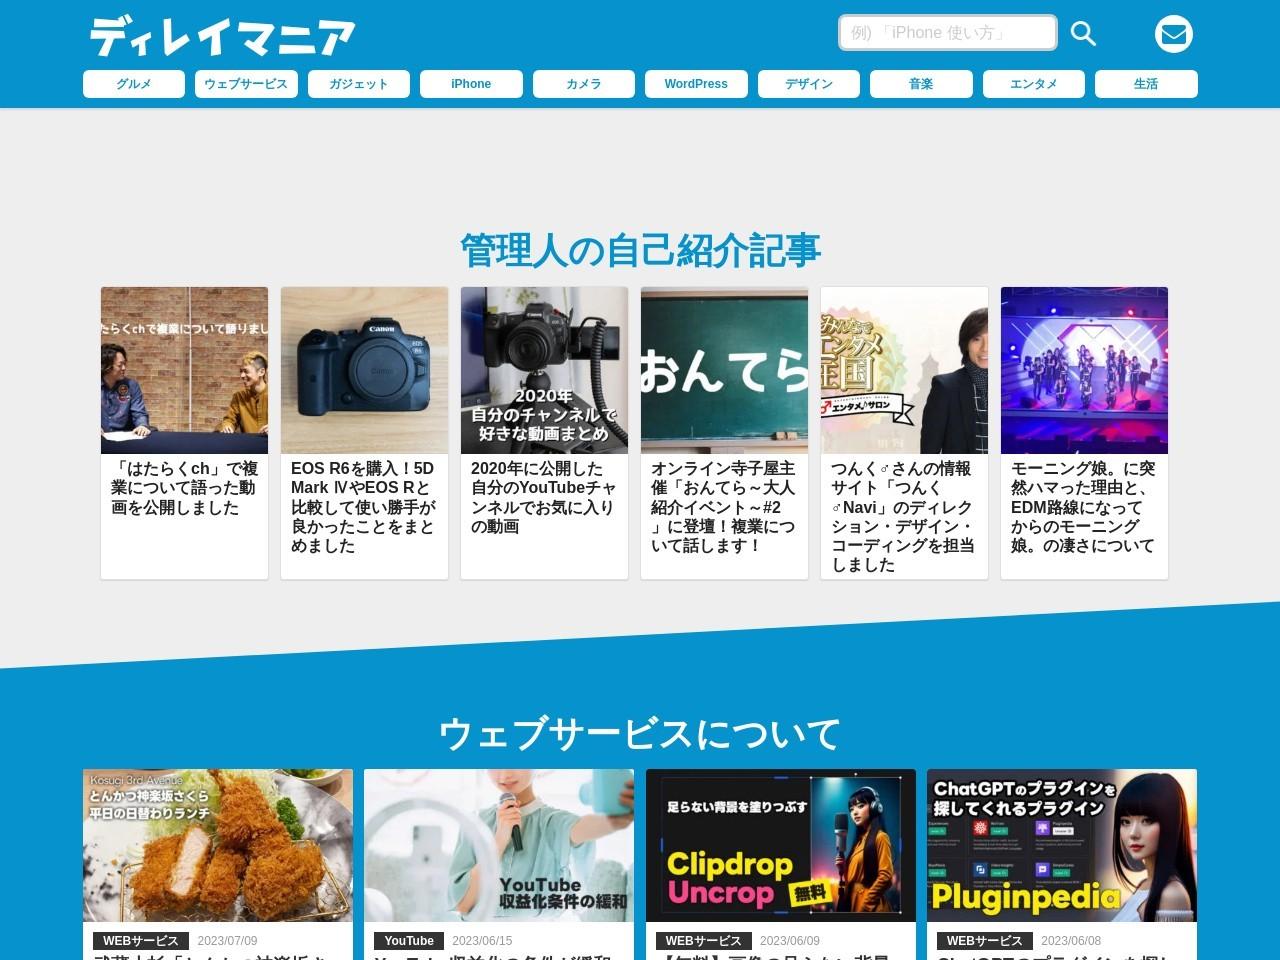 http://delaymania.com/201210/blog/apphtml_link_broken/